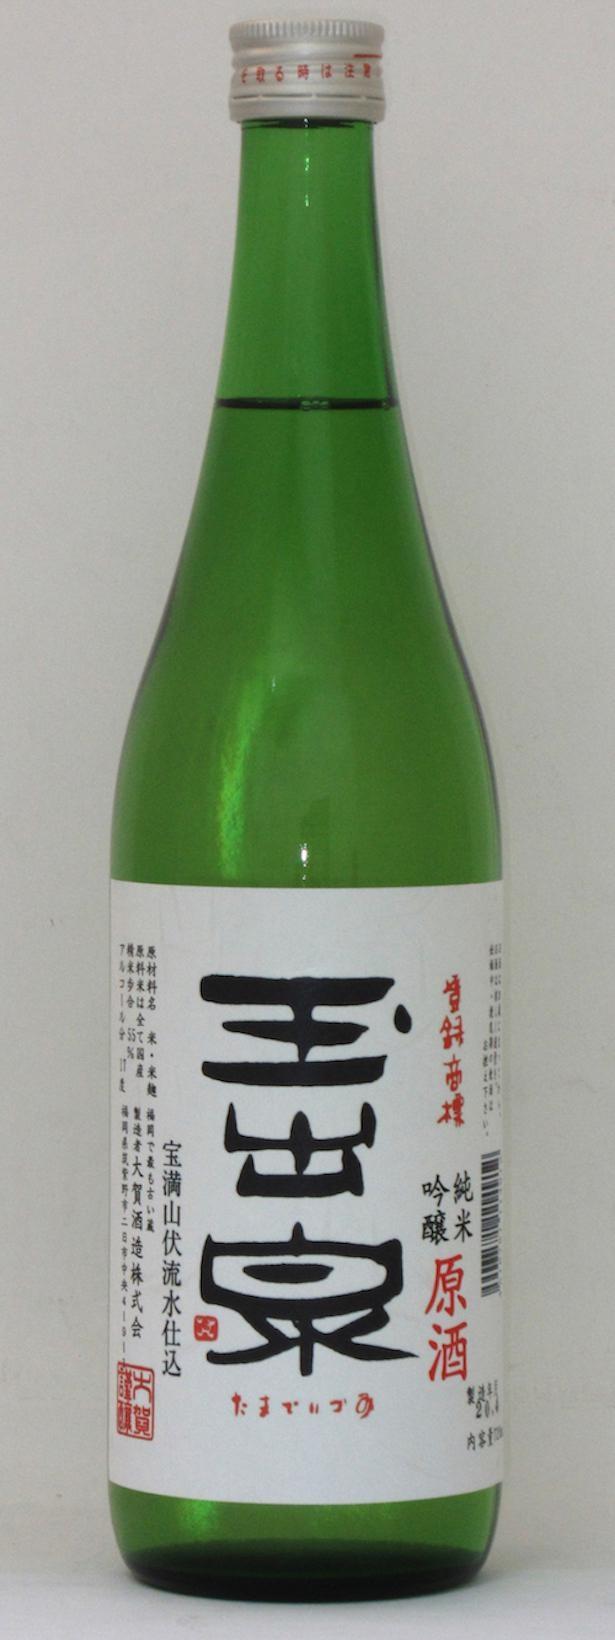 玉出泉 純米吟醸原酒(720ml 1782円・税込)/大賀酒造